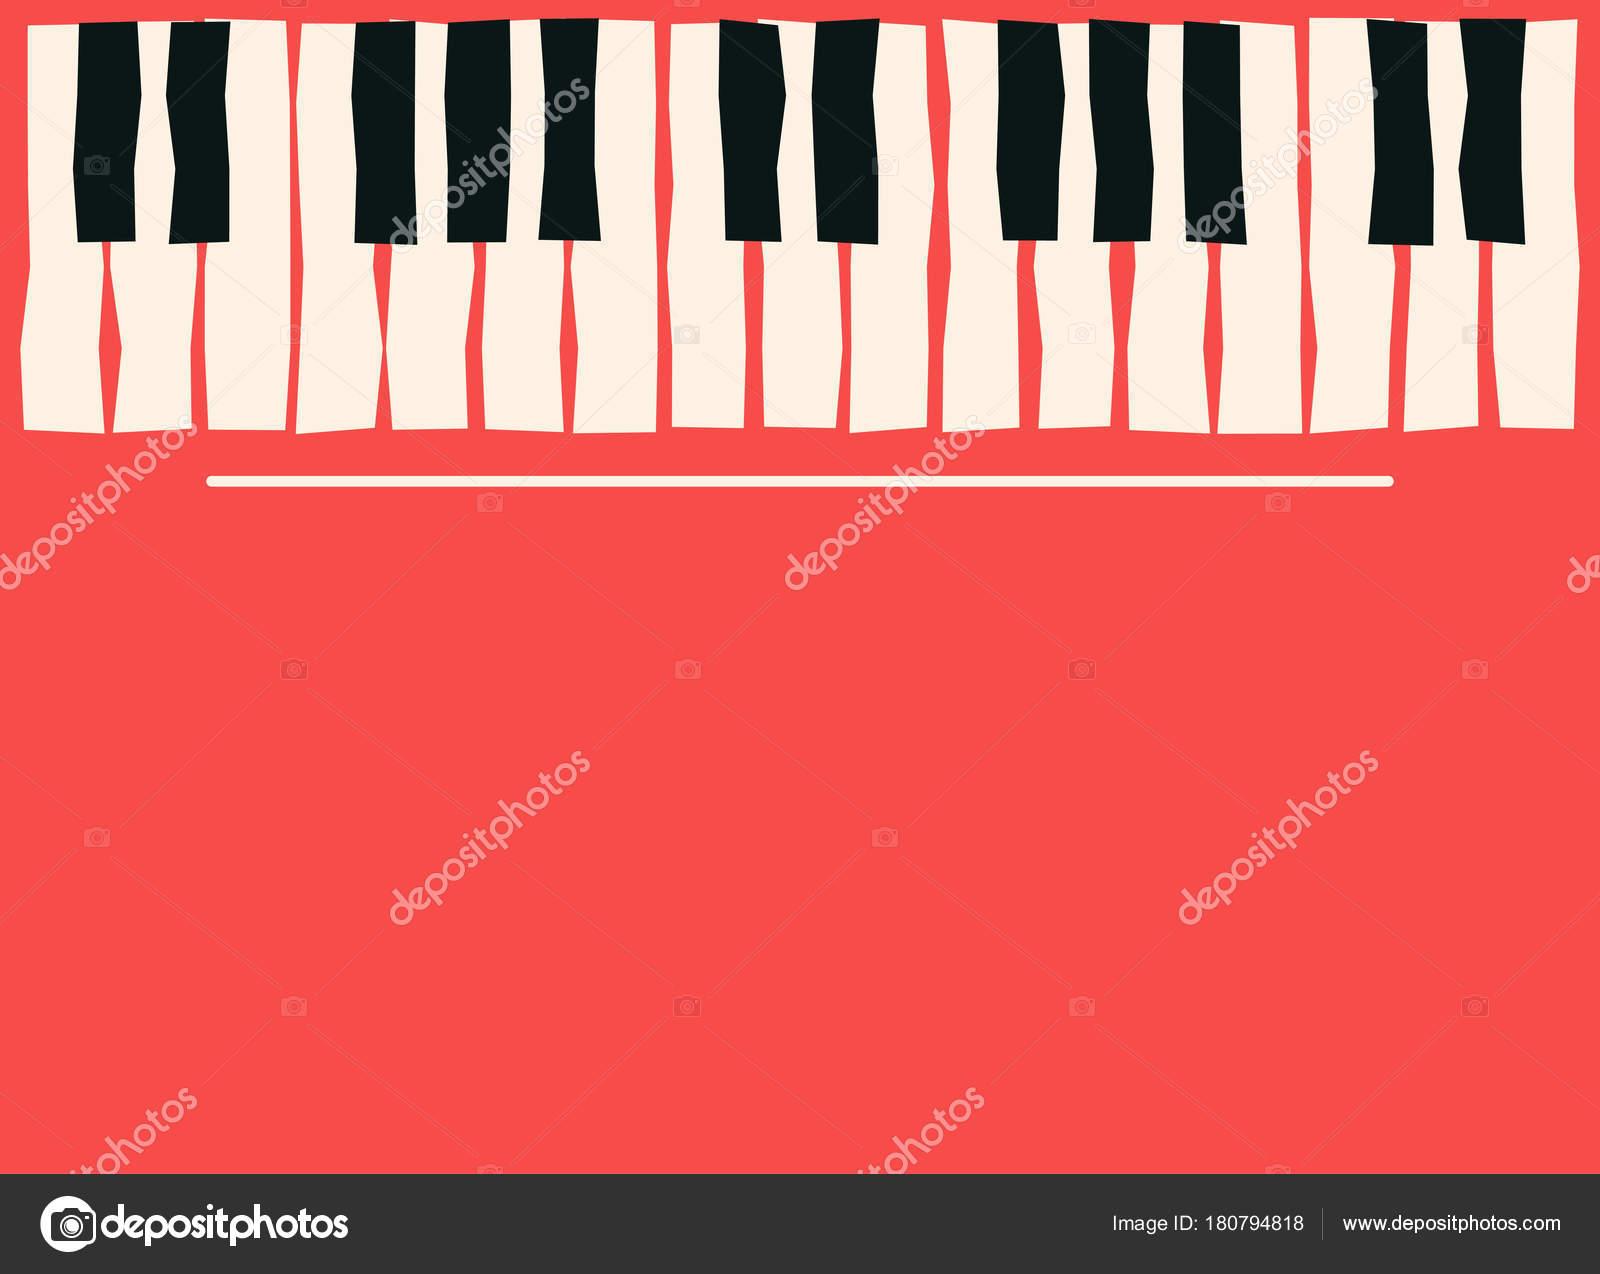 Teclas Del Piano Plantilla Cartel Música Fondo Concierto Música Jazz ...